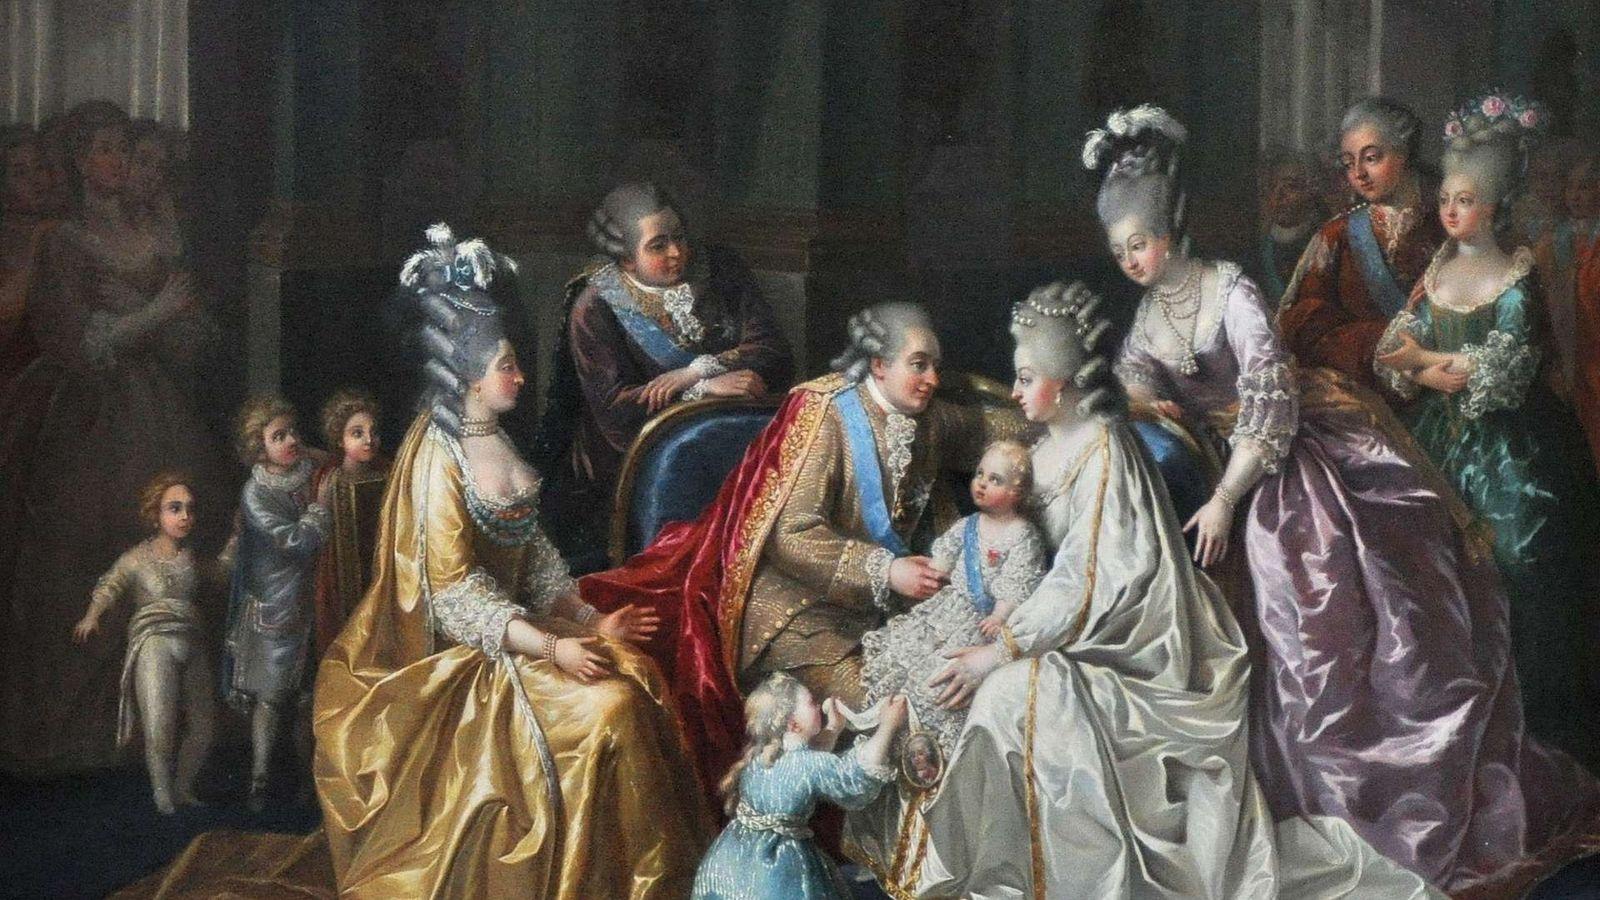 La famille royale réunie autour du dauphin Louis-Joseph-Xavier-François en 1782.